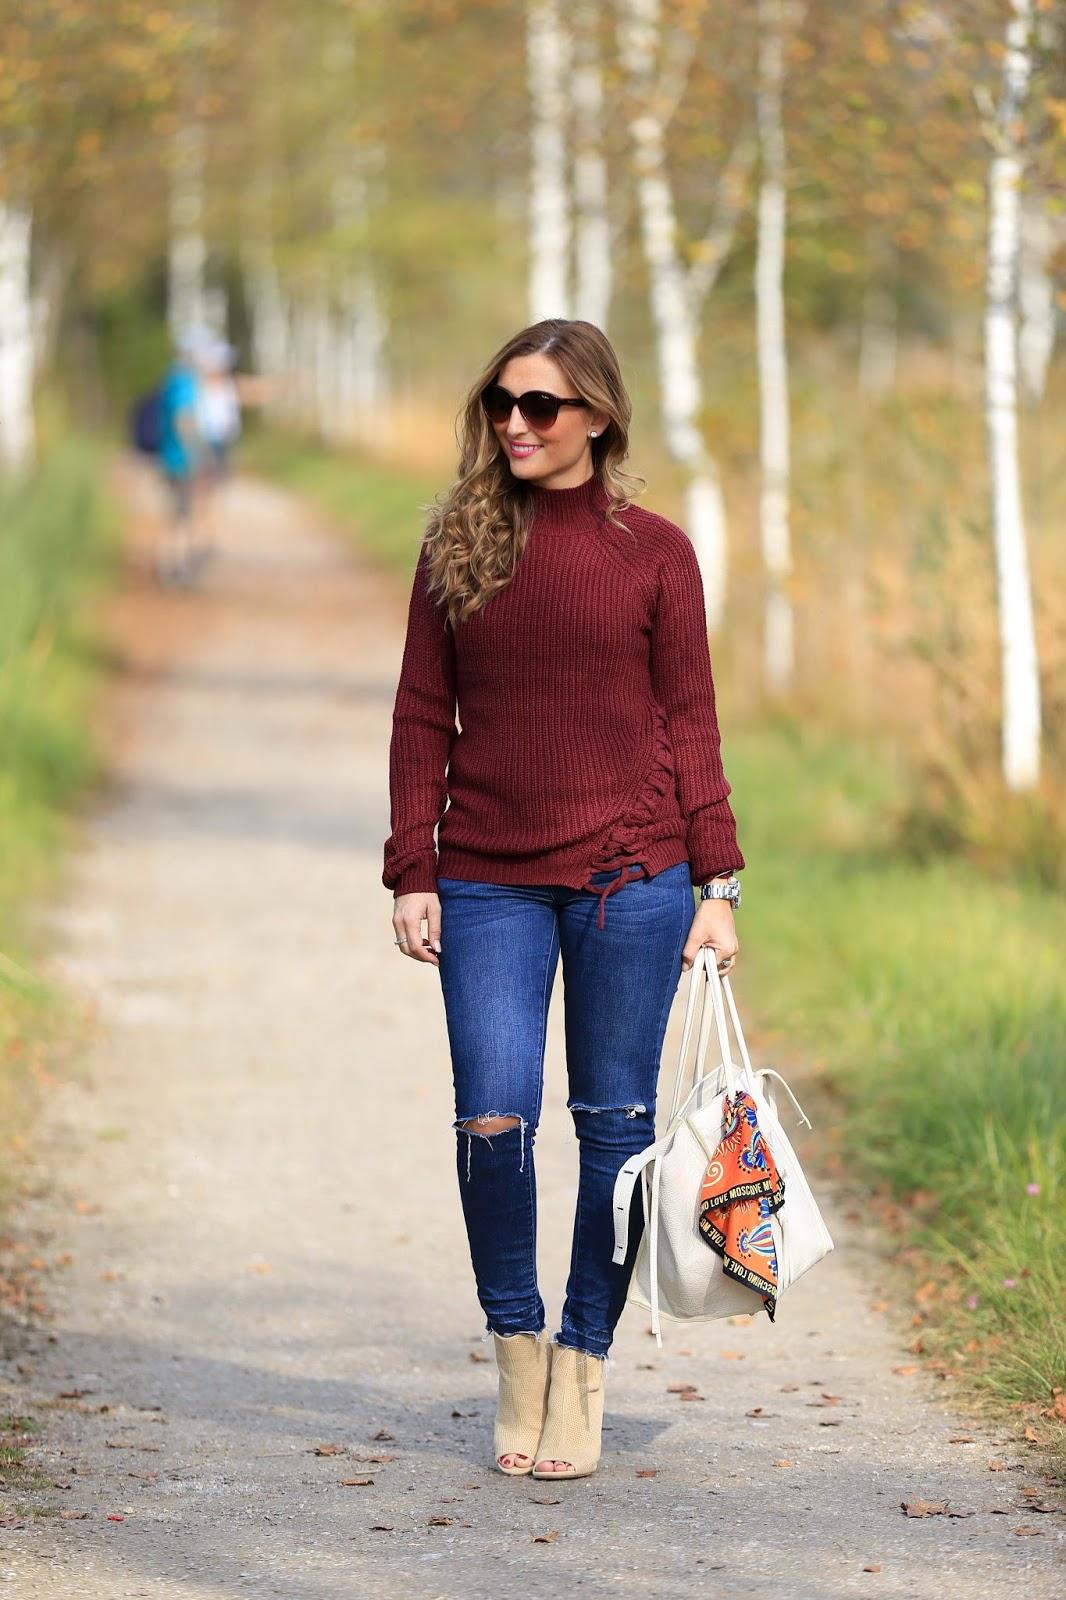 Blogger style im Herbst - Herbstlook - Blogger Herbstlook - Musthaves im Herbst - Bordeaux - Beige- Pulloiver in Bordeaux - Bordeaux Bloggerpulli - Was ziehe ich im Herbst an- Fashionstylebyjohanna- Fashionblogger Deutschland